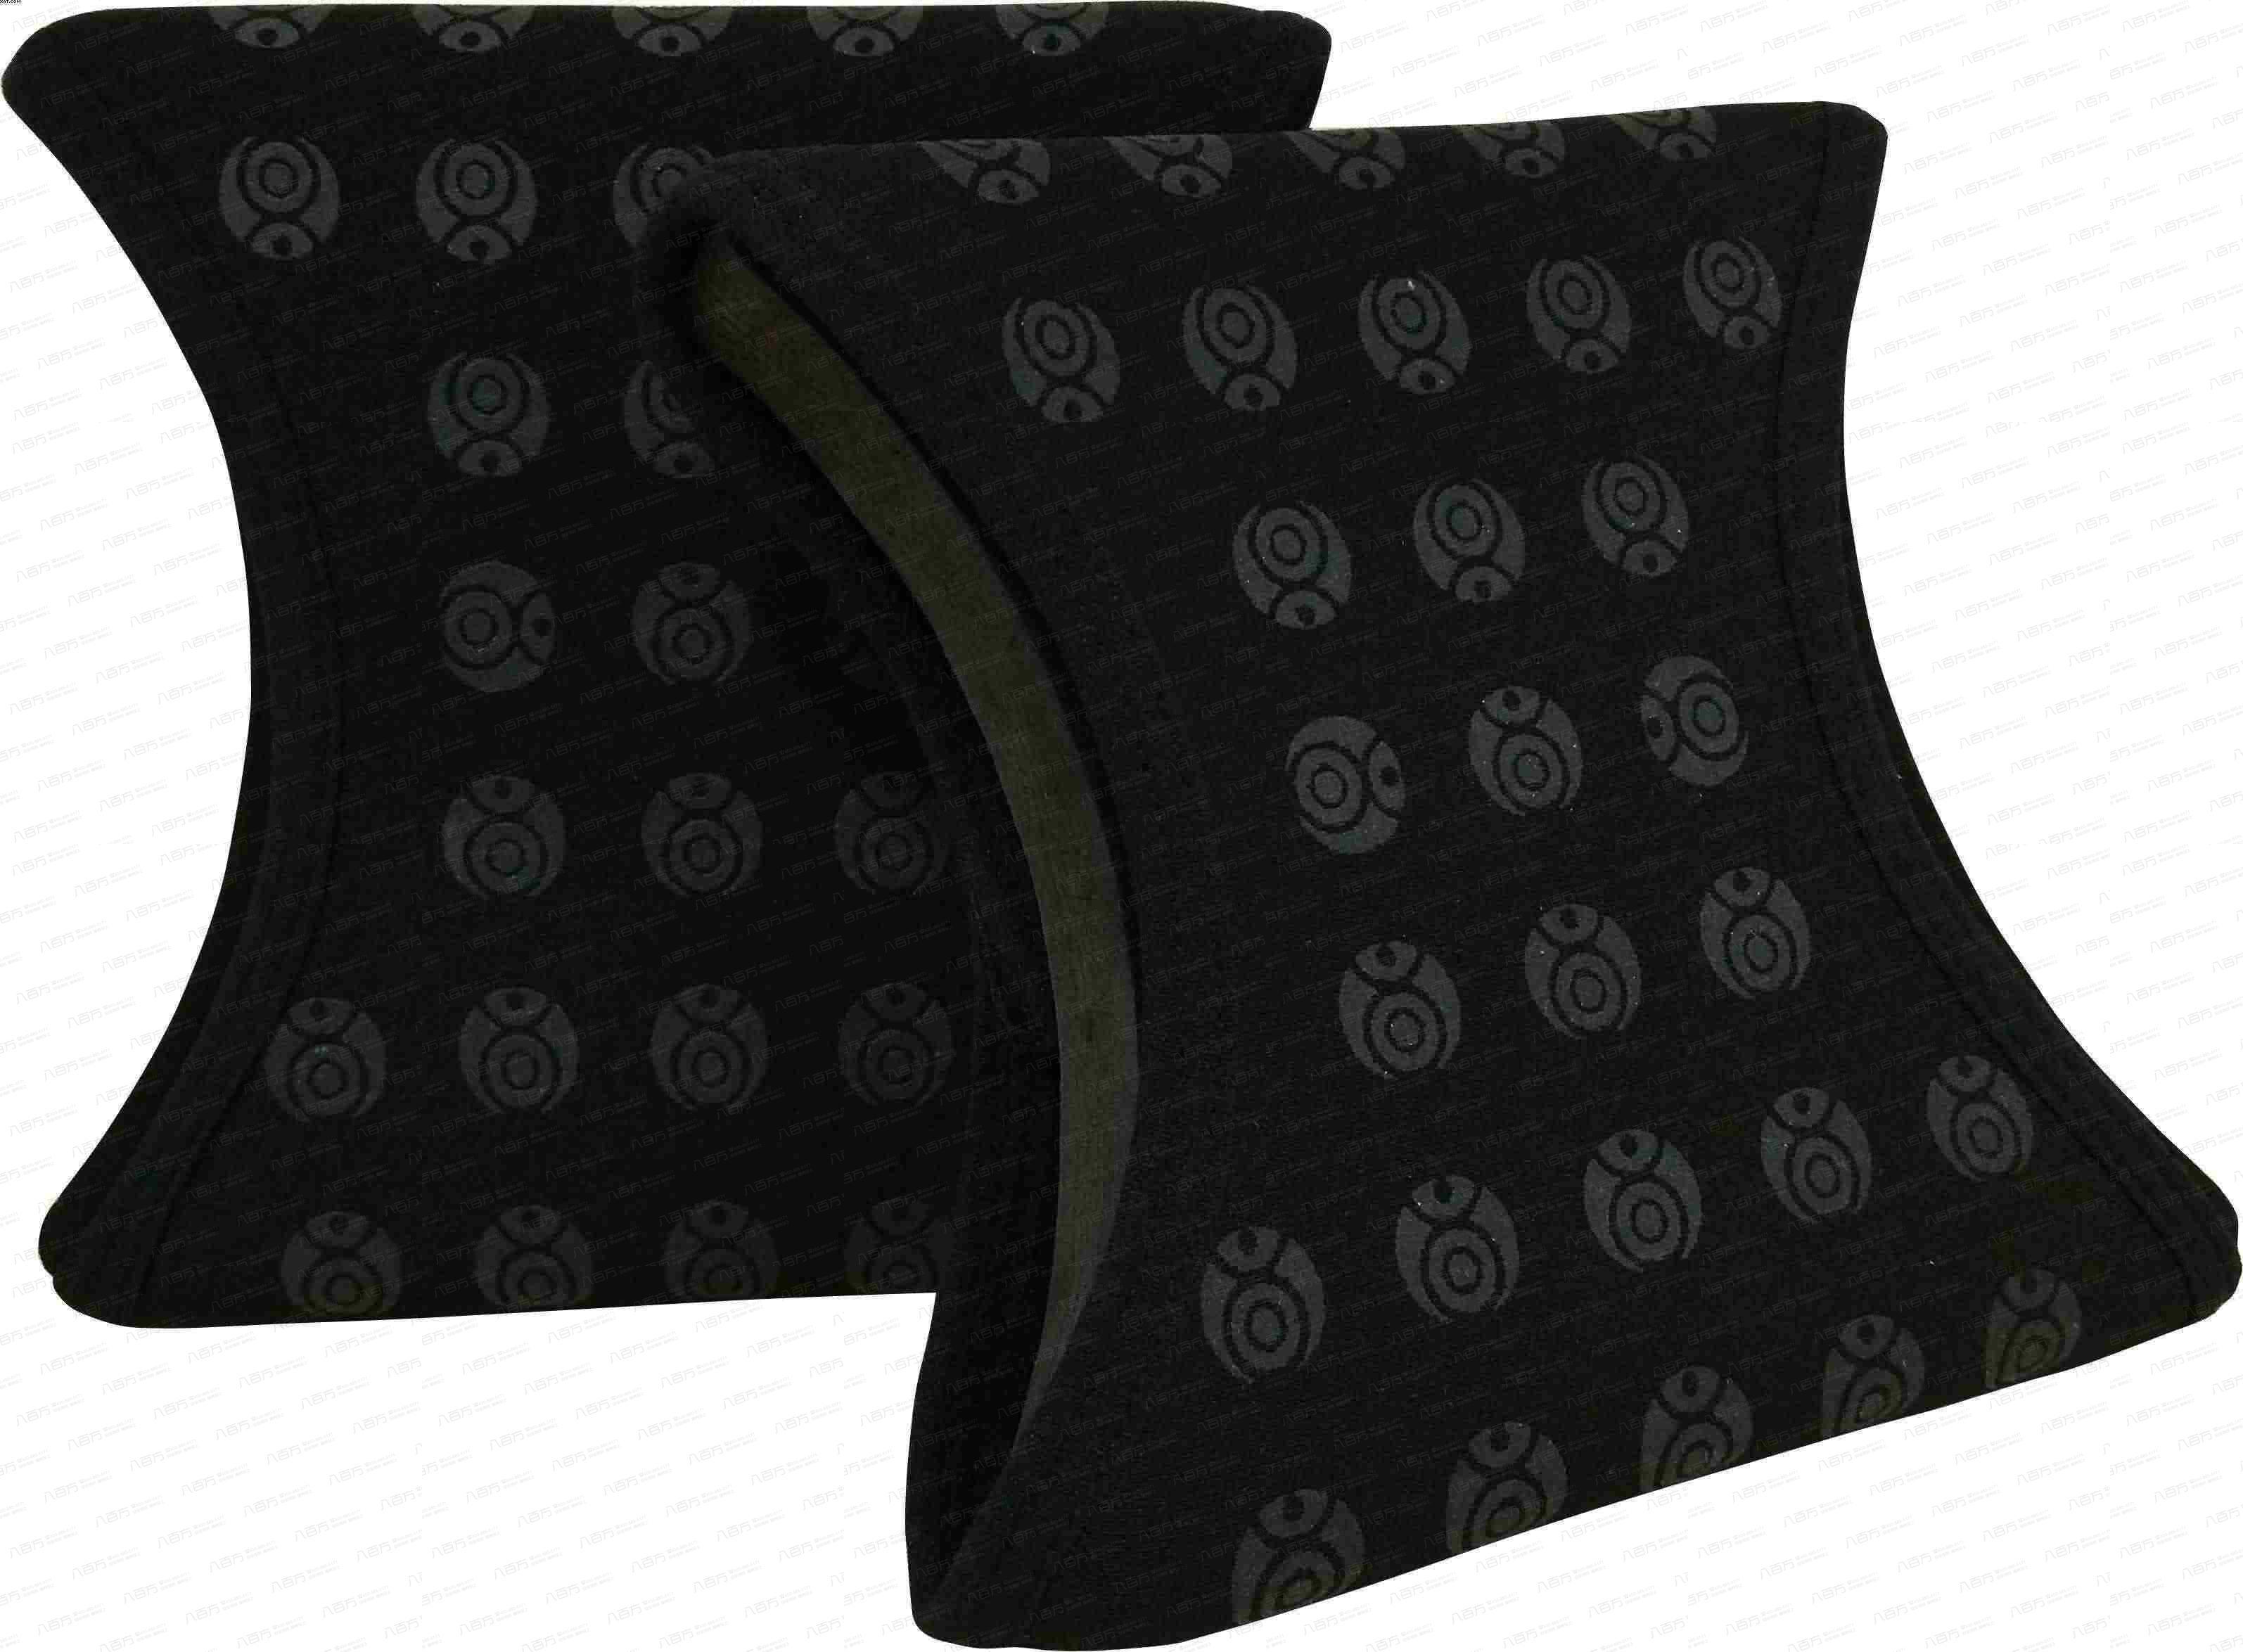 尚颈枕巾 尚颈枕颈椎枕U型枕理疗枕巾